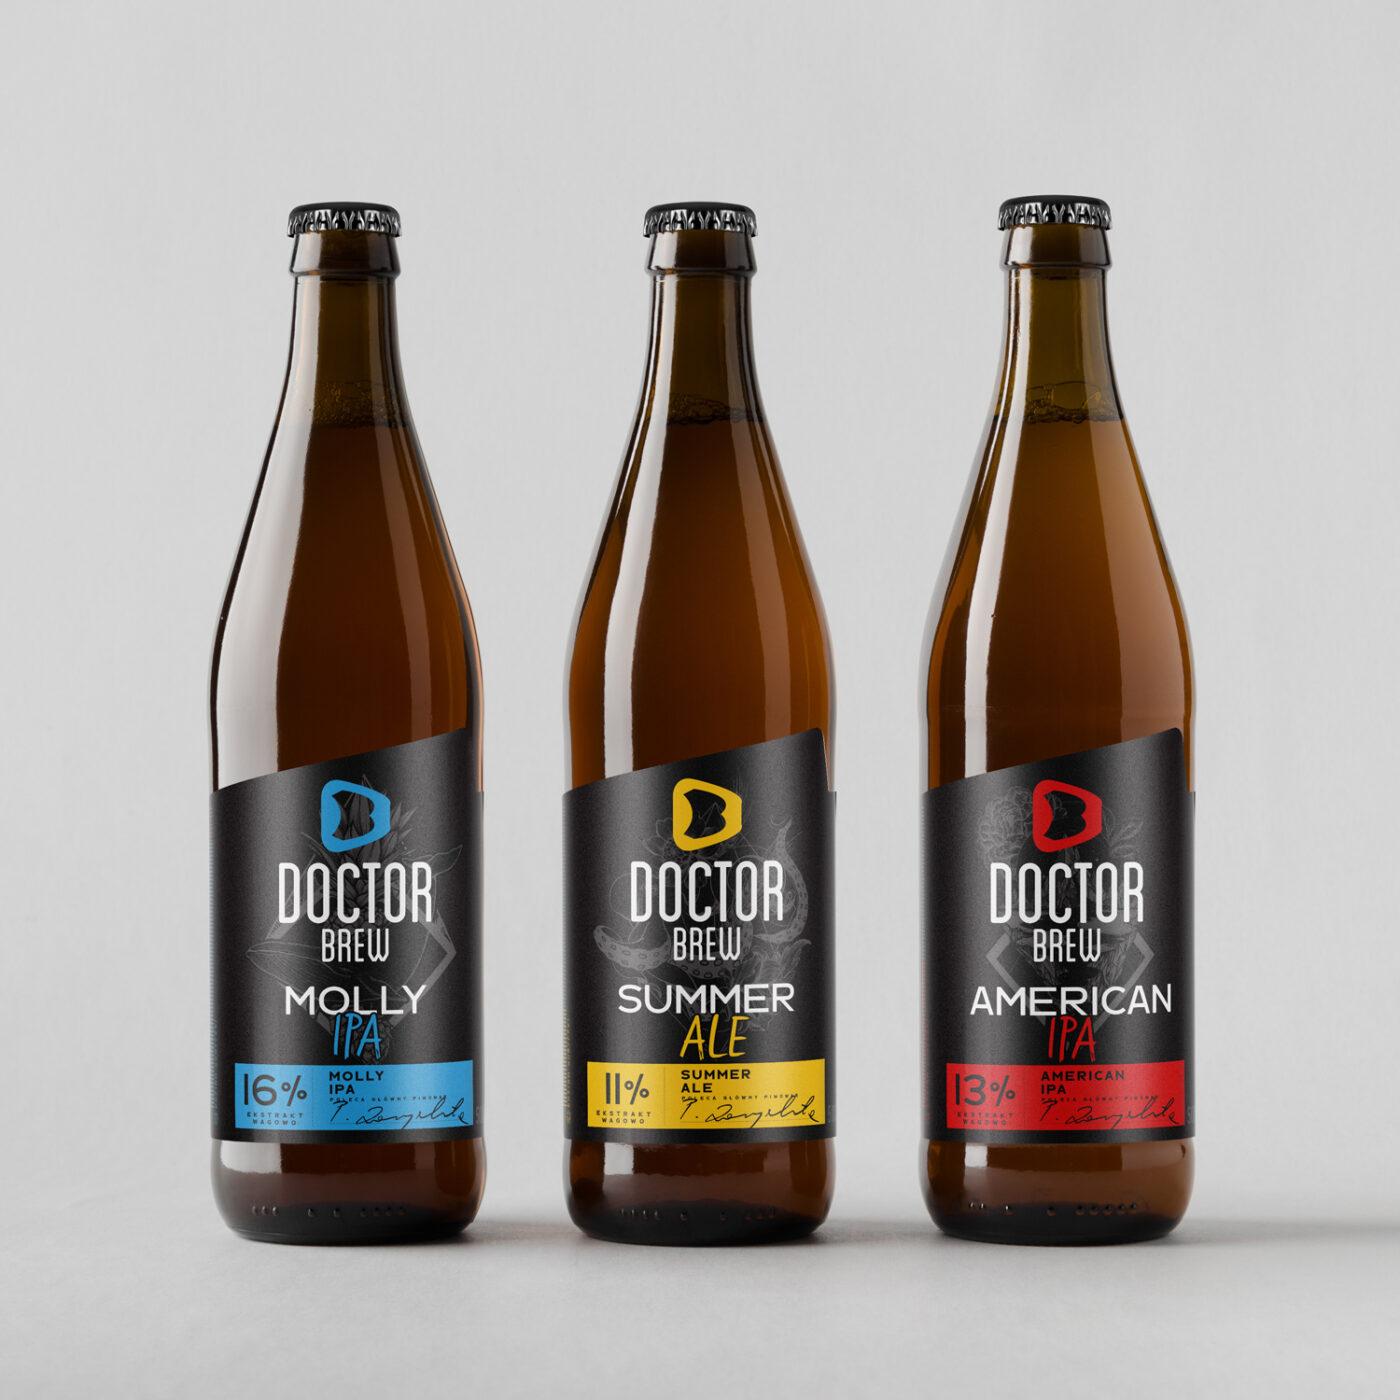 Projekt Doctor BREW